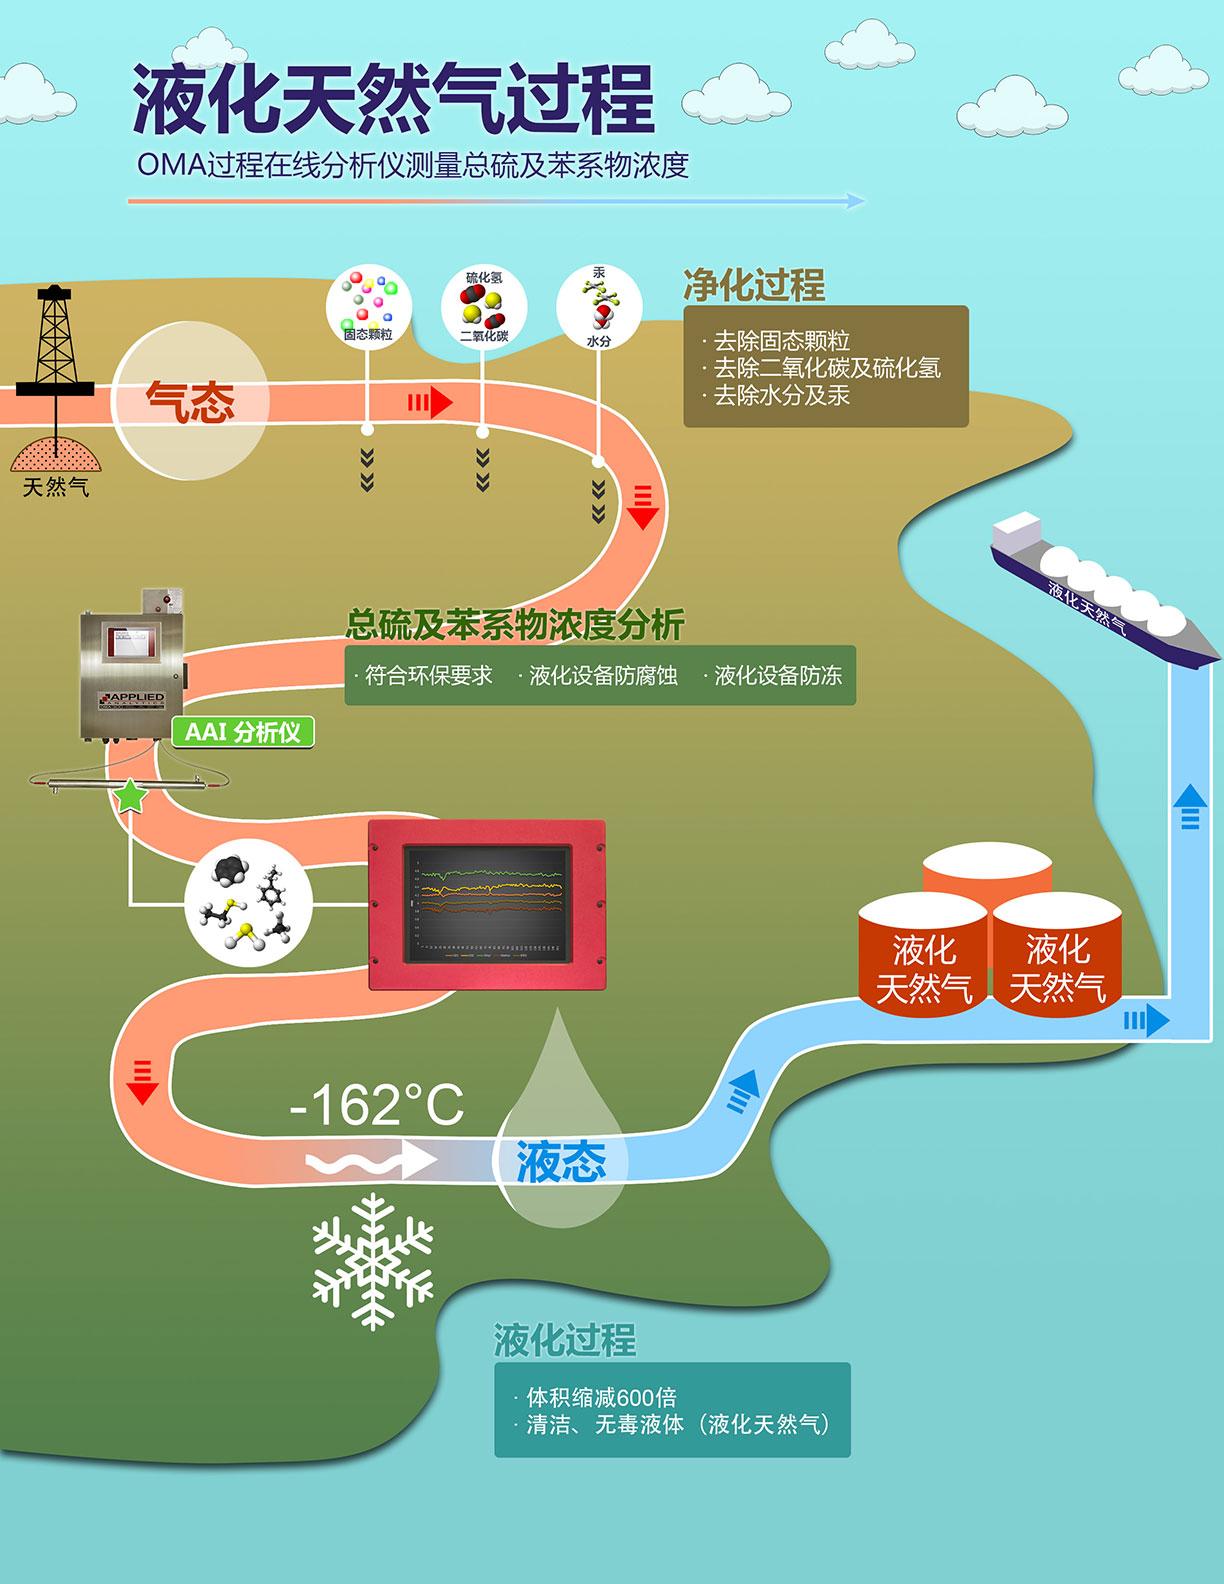 液化天然气过程-监测总硫浓度和苯系物浓度